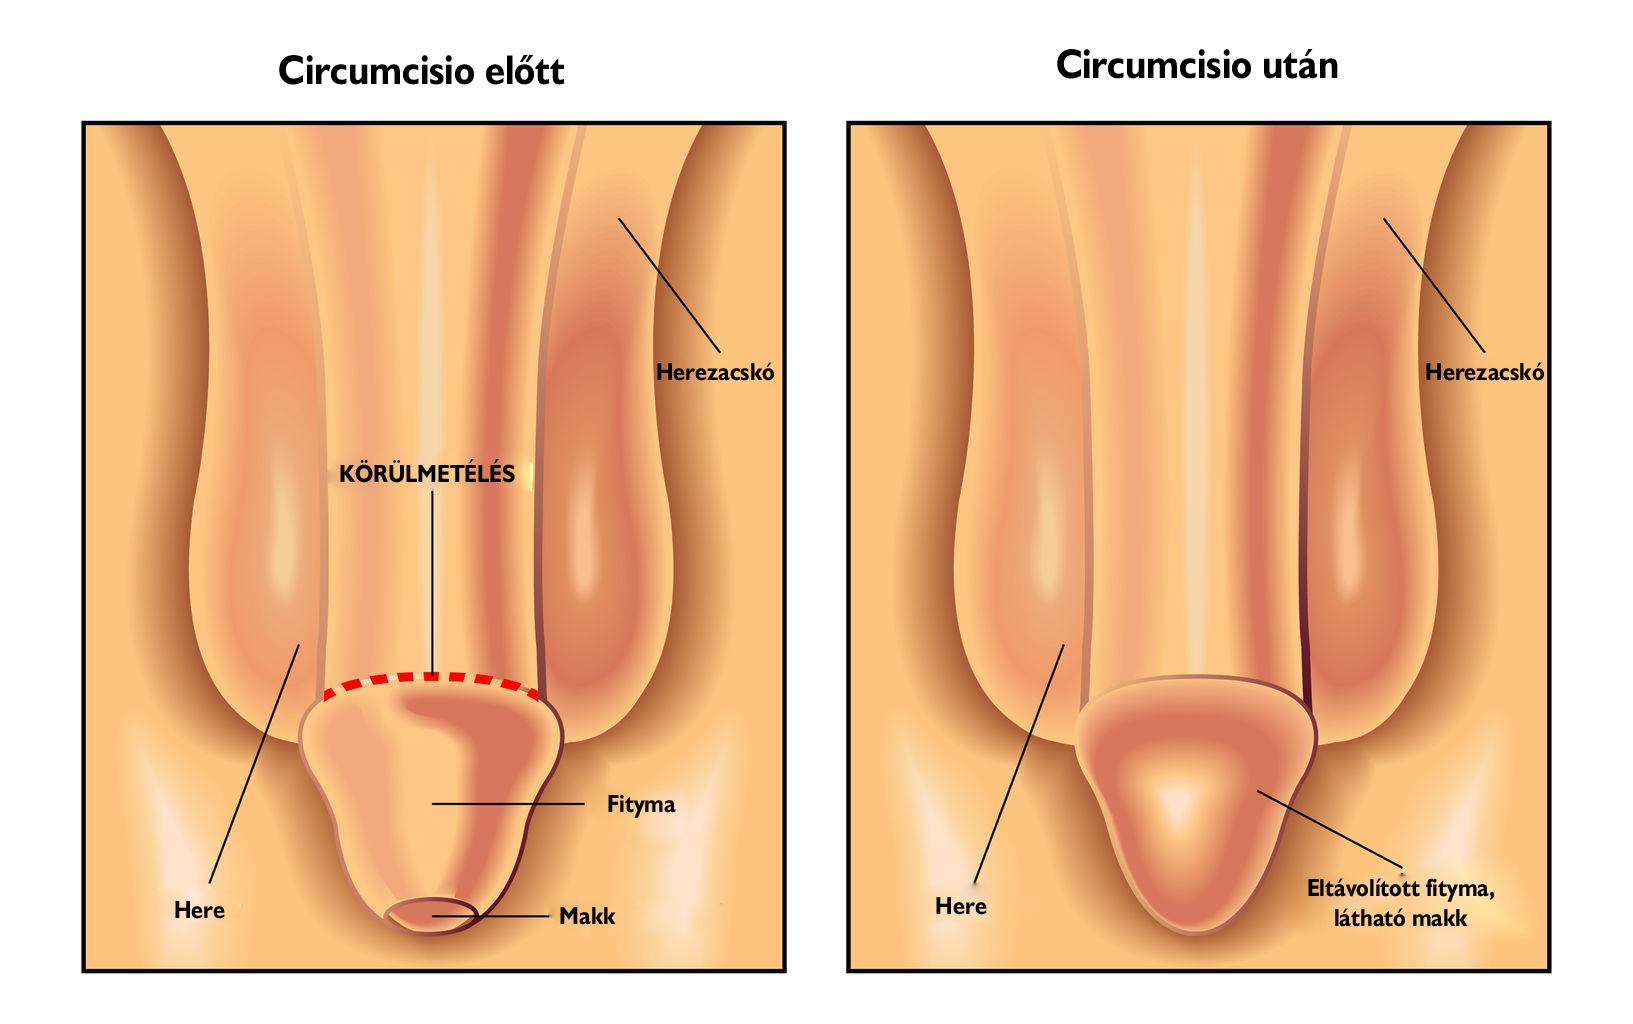 Pénisz, hímvessző ultrahang, pénisz color doppler ultrahang vizsgálat